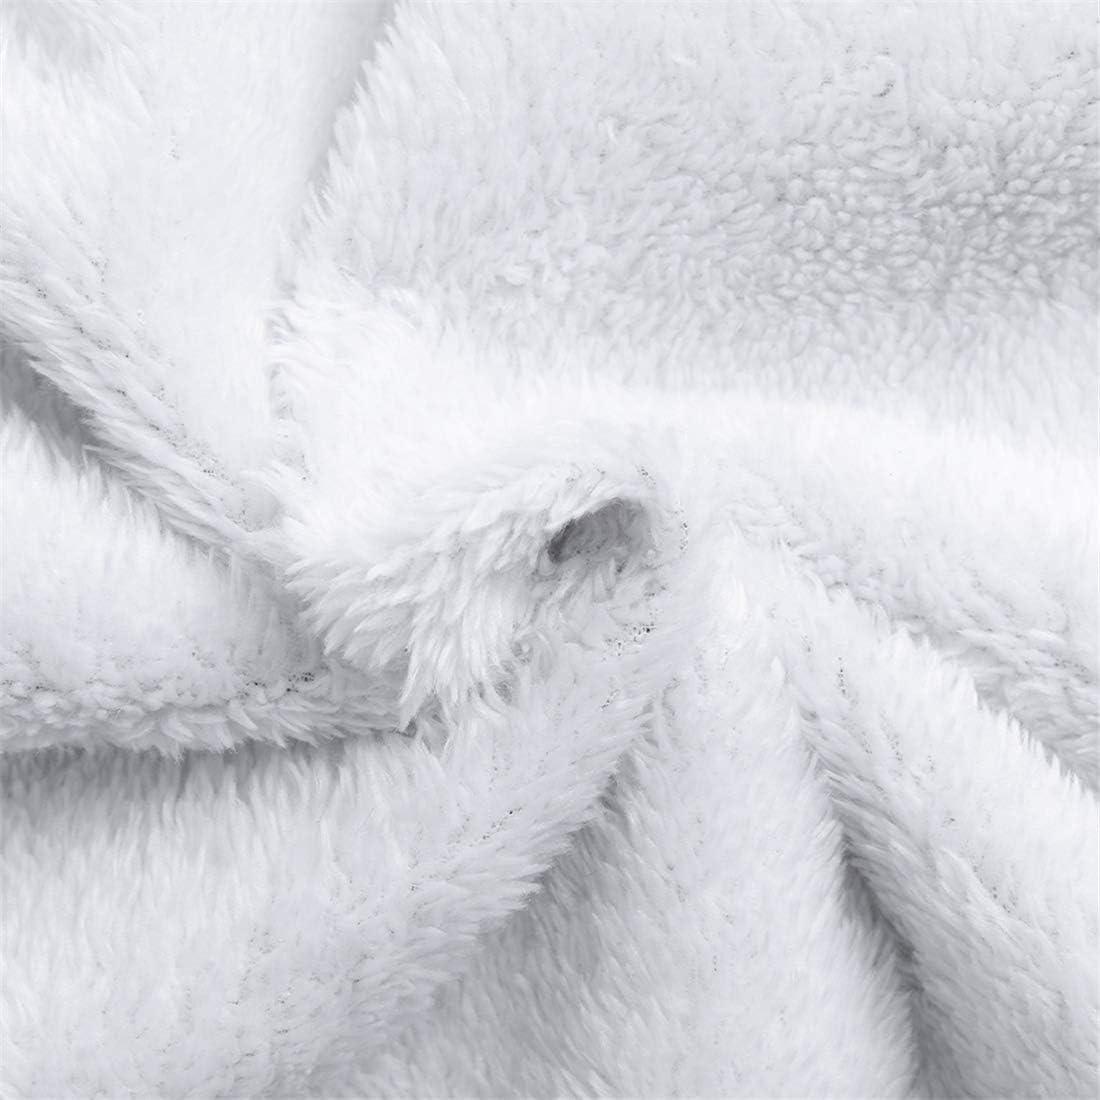 HJHK Giacca Donna con Cappuccio Manica Lunga Tinta Unita con Coulisse Tasche Laterali Cardigan con Zip Fodera in Pile Felpa Outwear Autunno Inverno Caldo Campeggio Giacca A Vento Cappotto Top